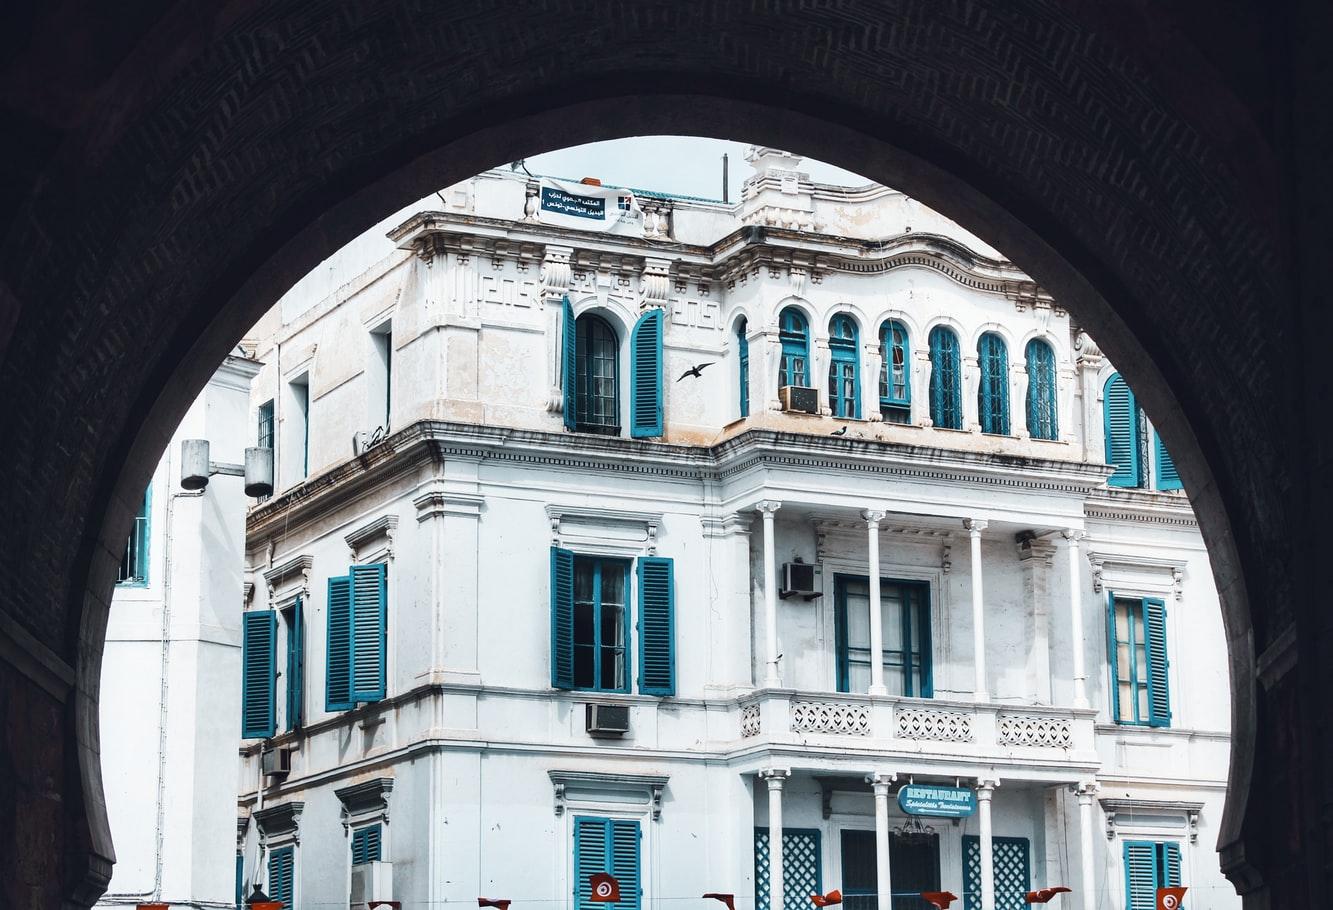 Tunisi è una delle località da visitare in Tunisia